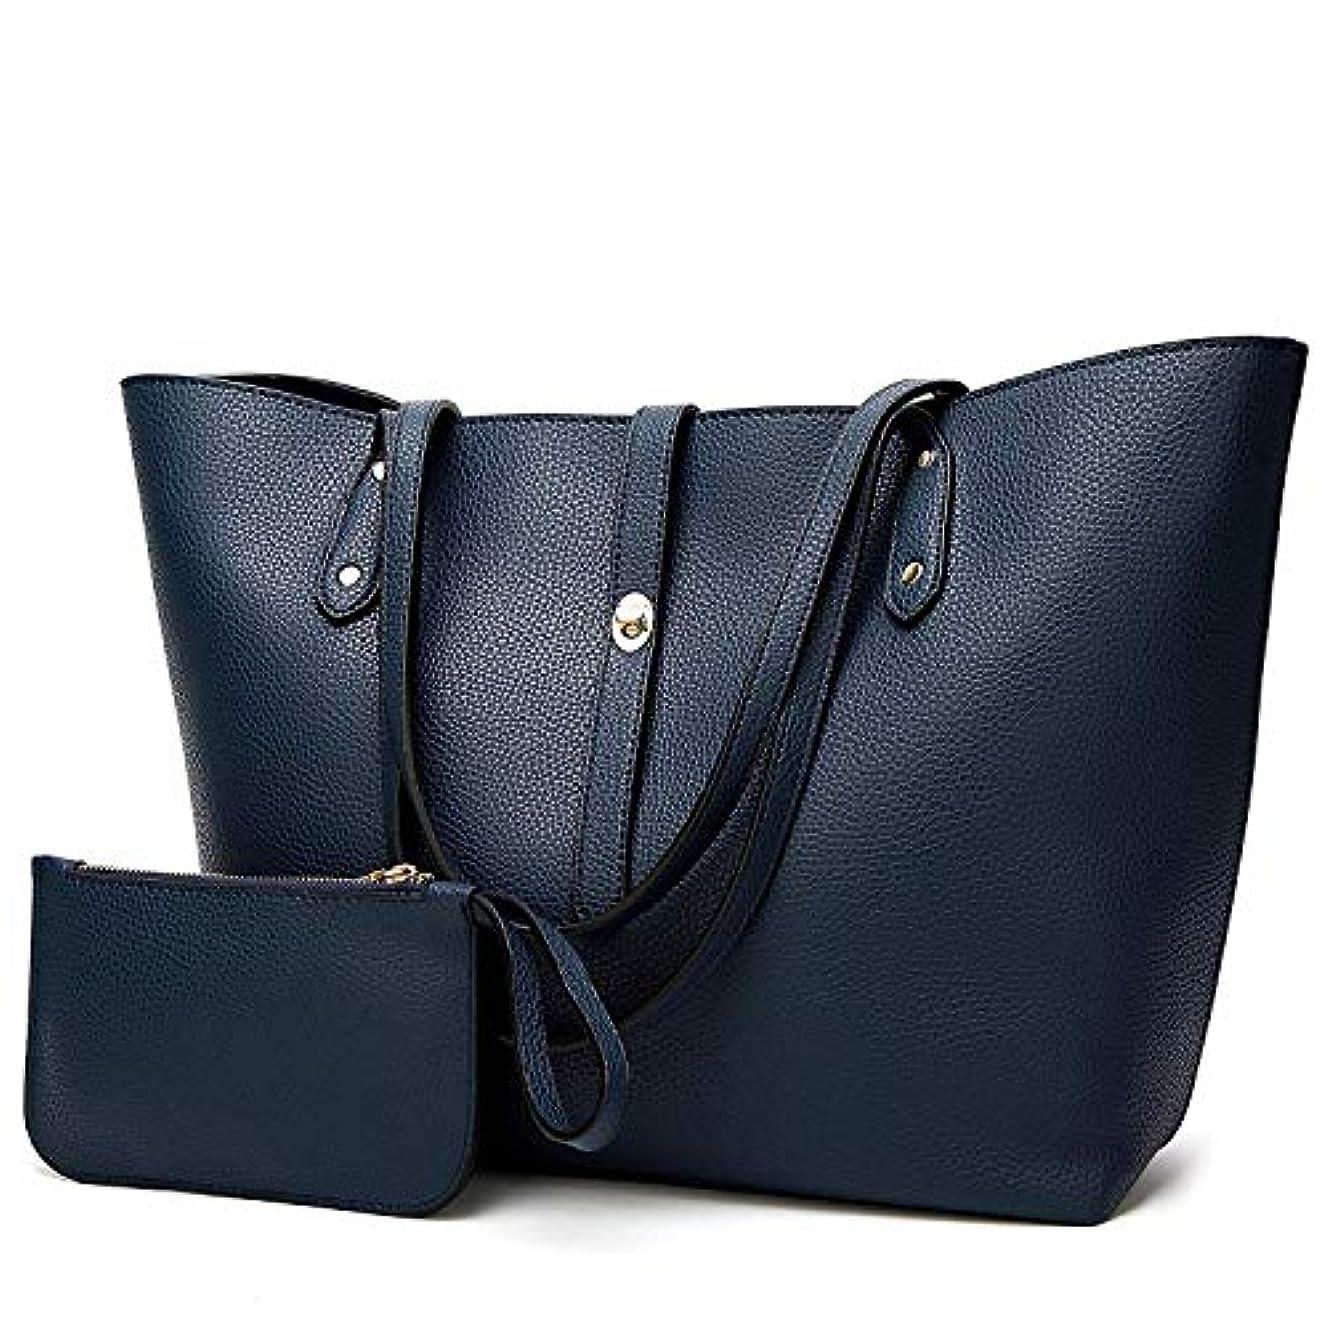 累計無駄なに負ける[TcIFE] ハンドバッグ レディース トートバッグ 大容量 無地 ショルダーバッグ 2way 財布とハンドバッグ